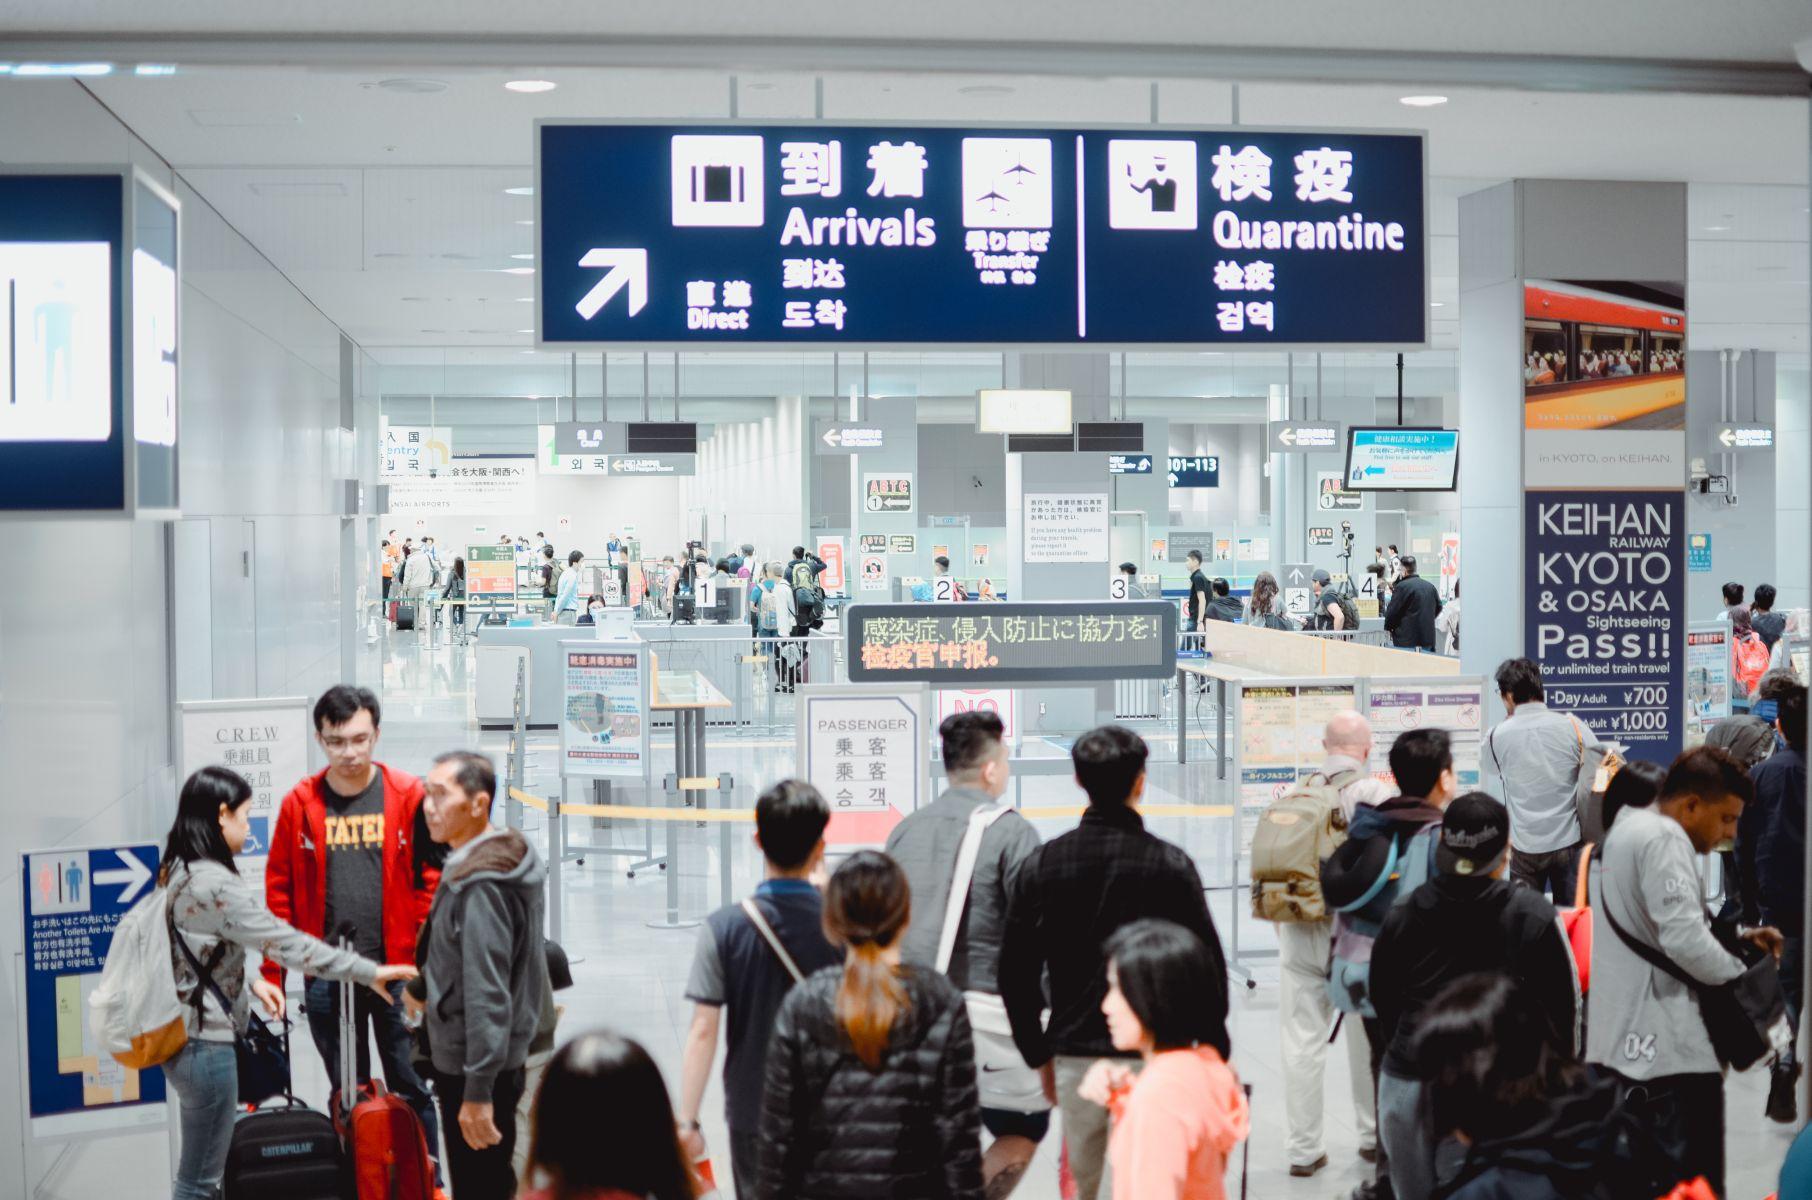 日本恐成防疫漏洞! 為何未全面限制陸客入境? 最大考量可能是這個